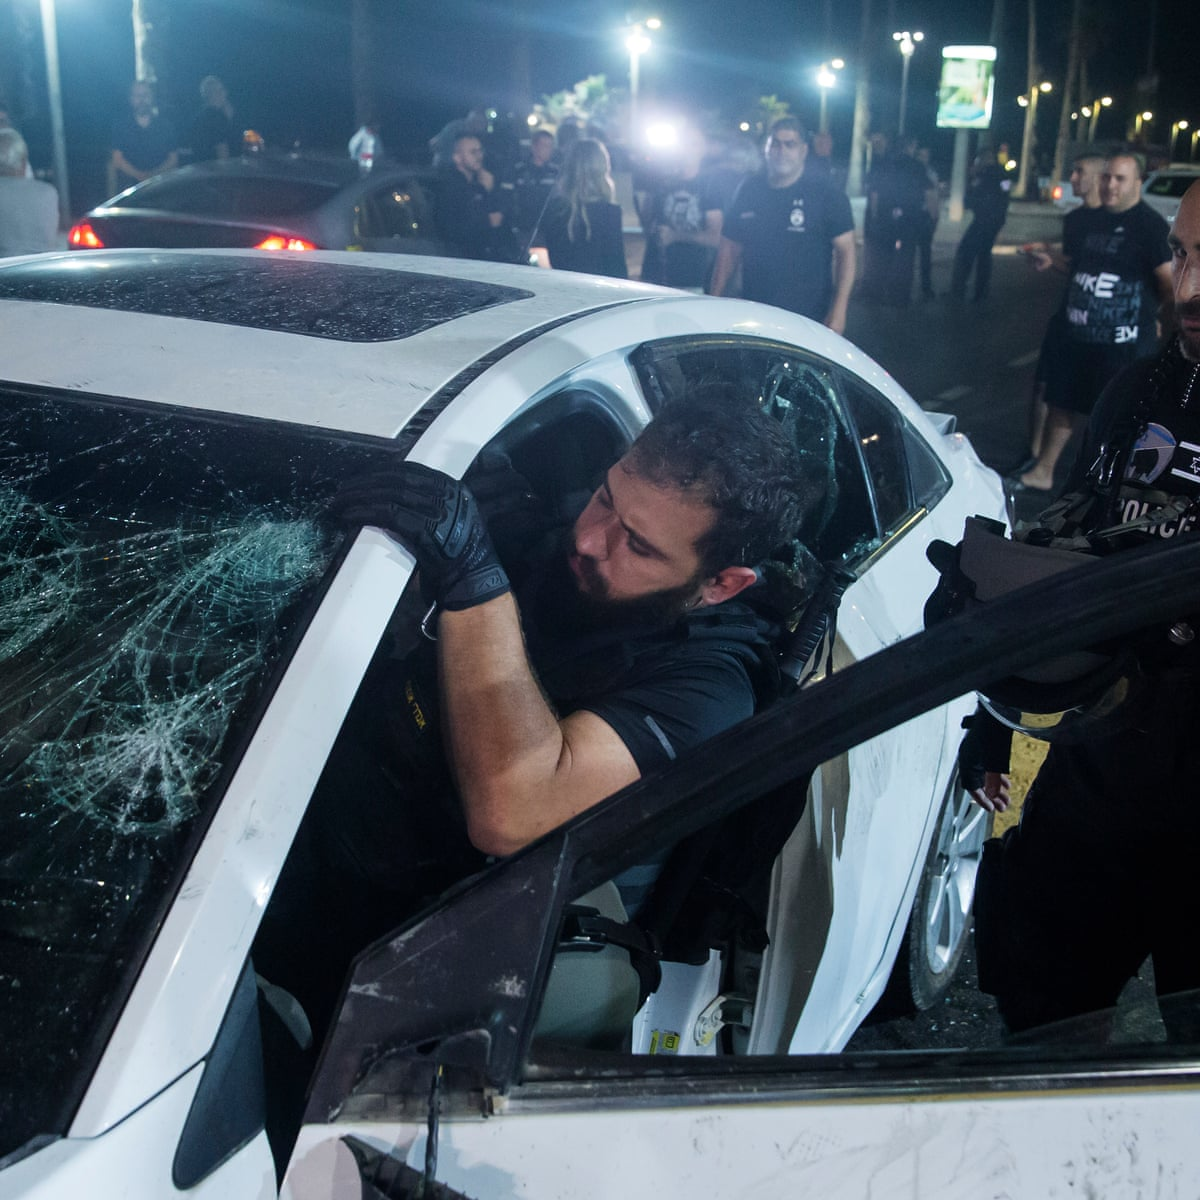 Televiziunea israeliană de stat, imagini șocante cu un bărbat bătut de o grupare de extremă-dreapta